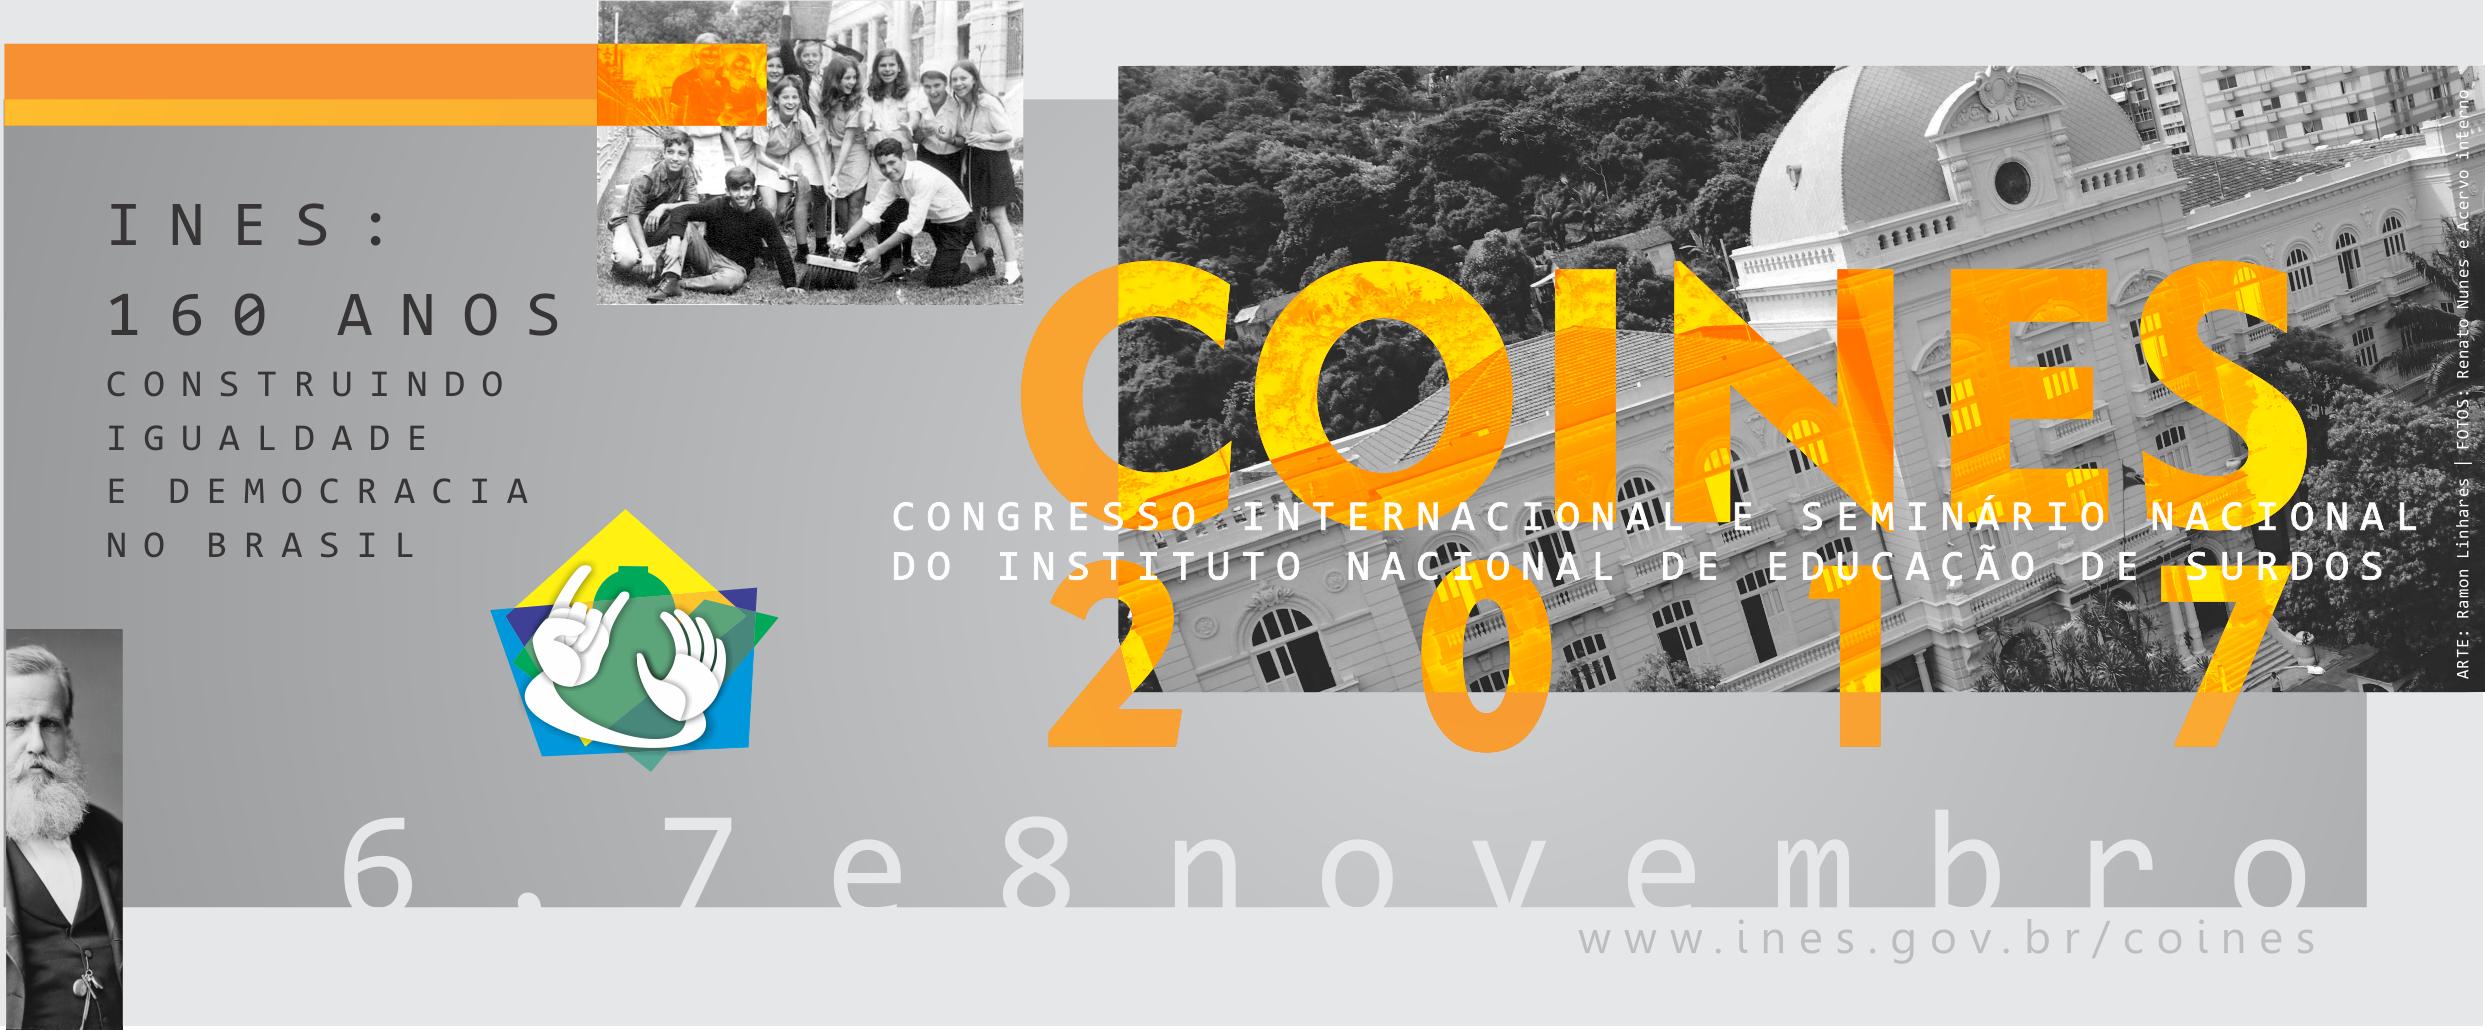 COINES 2017: INES abre inscrições para Congresso Internacional e Seminário Nacional